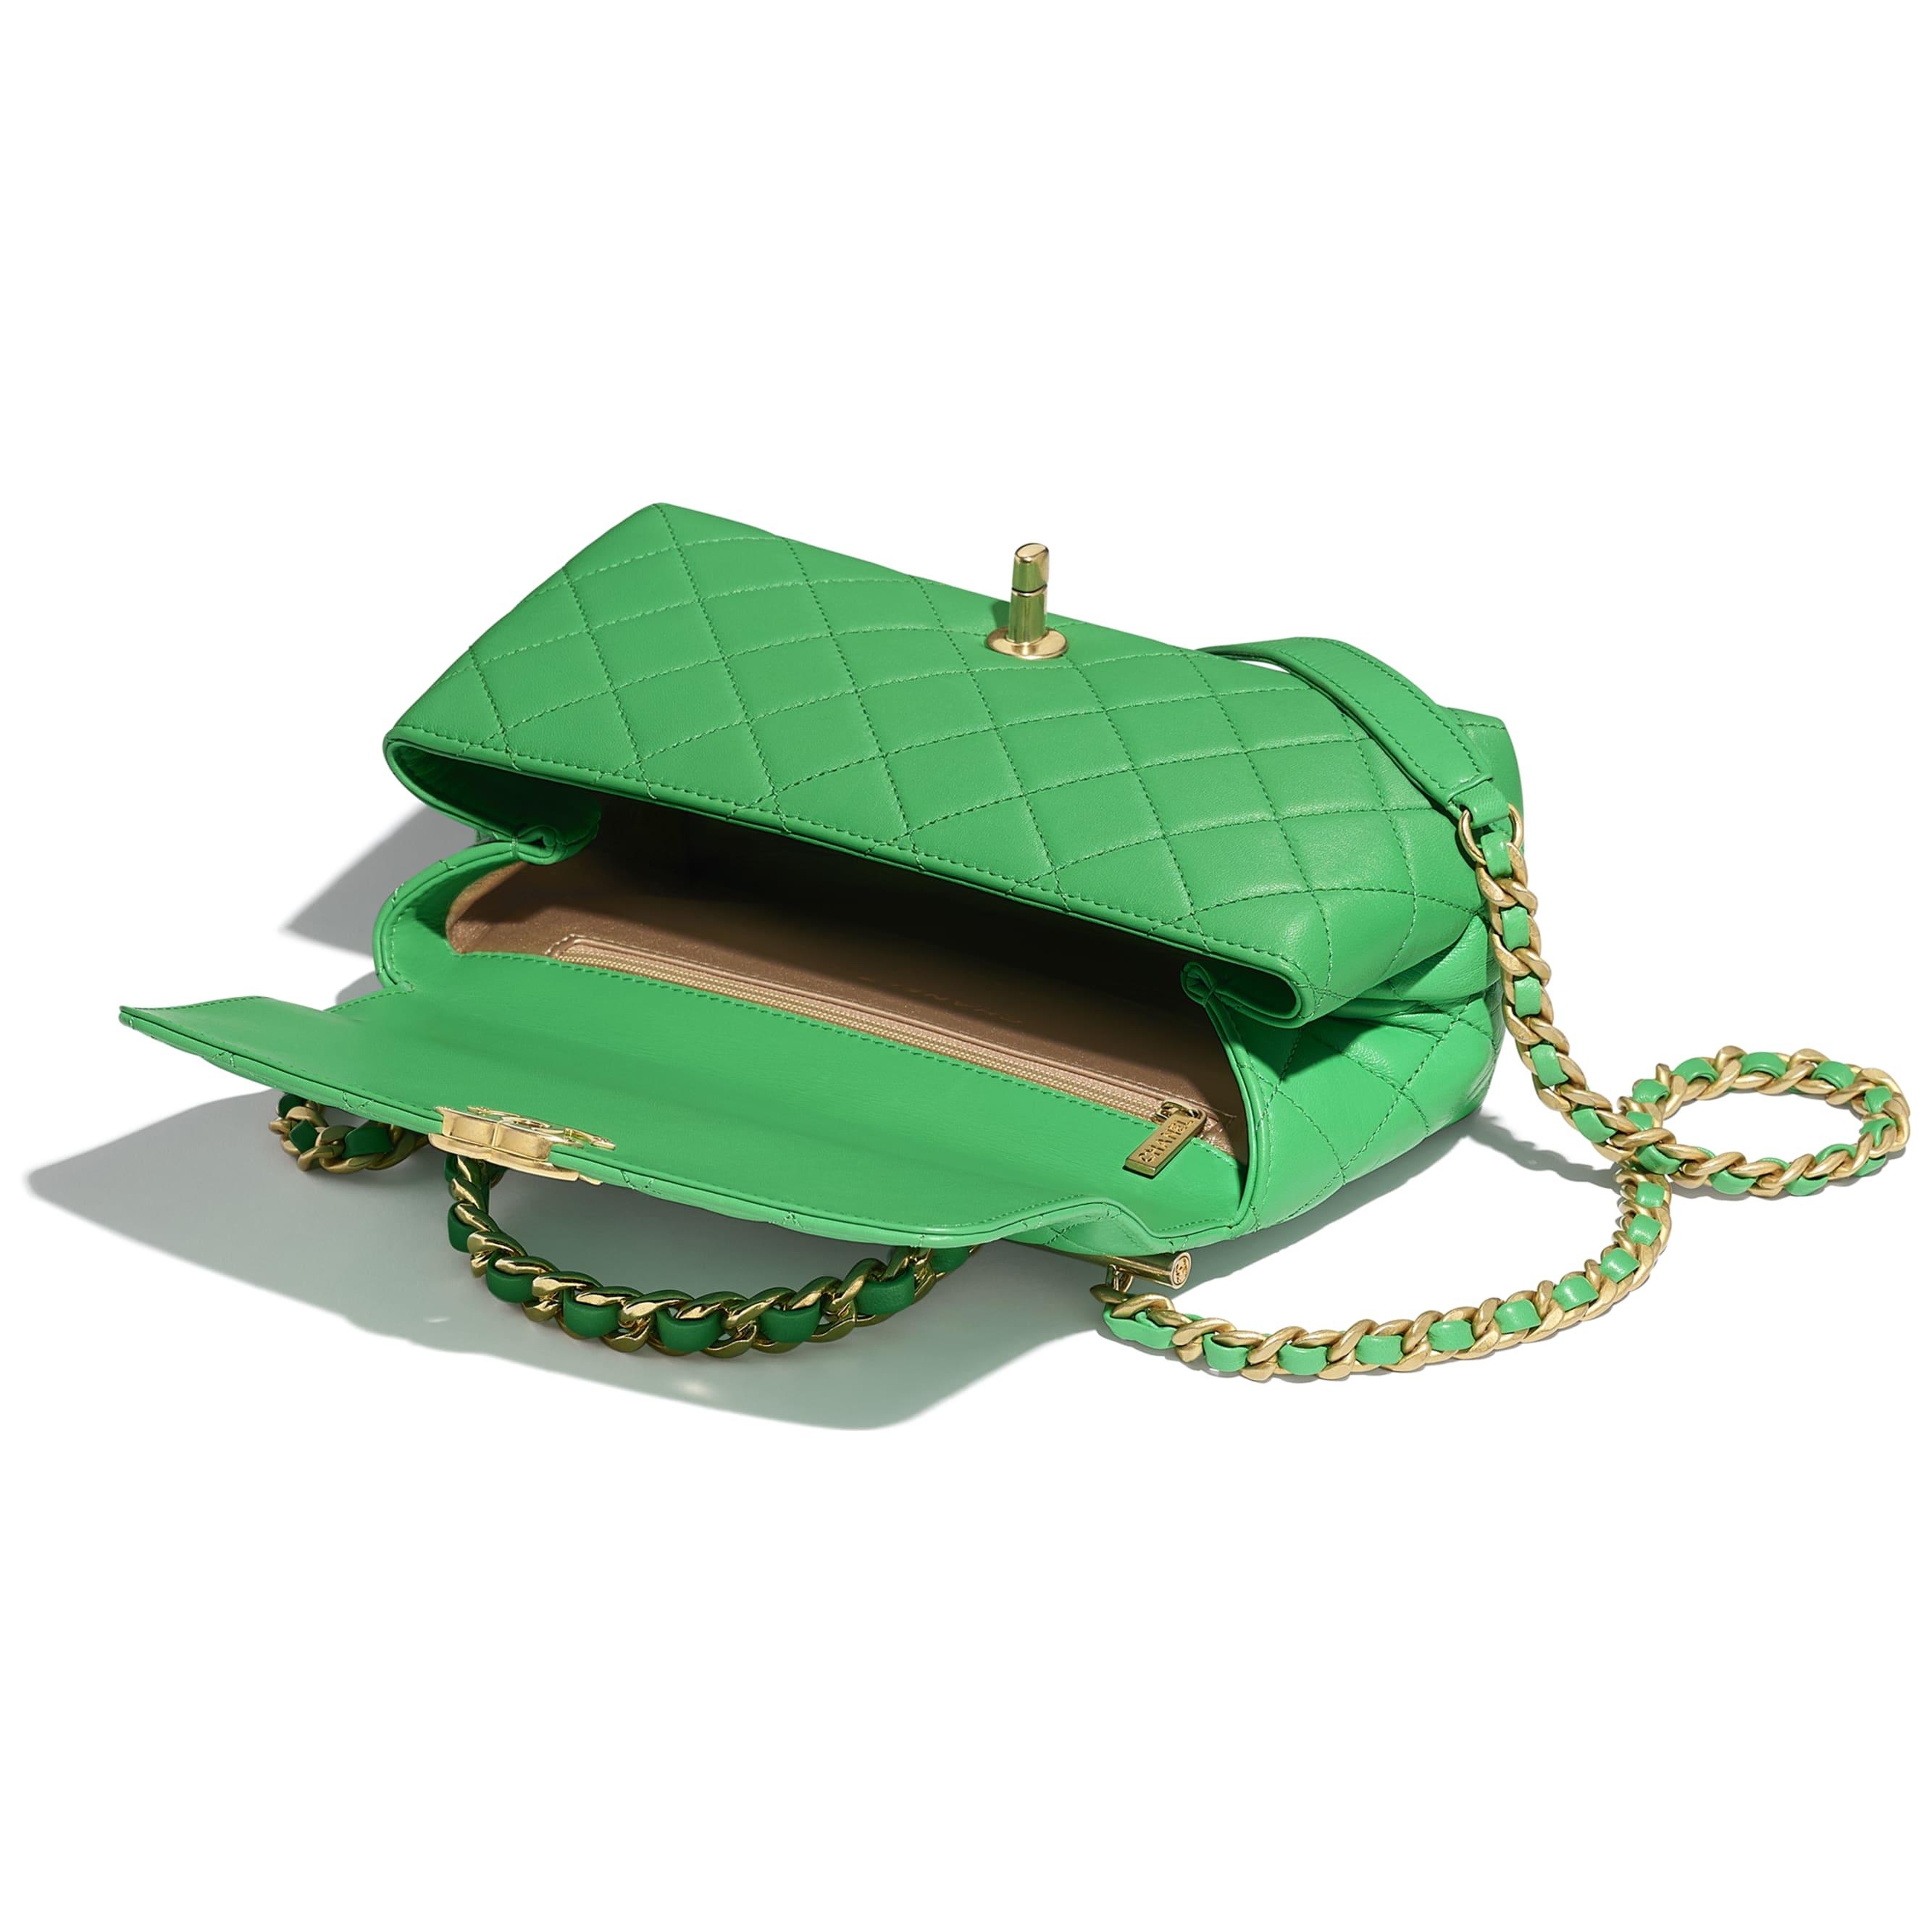 Petit sac à rabat avec poignée - Vert - Agneau & métal doré - CHANEL - Autre vue - voir la version taille standard